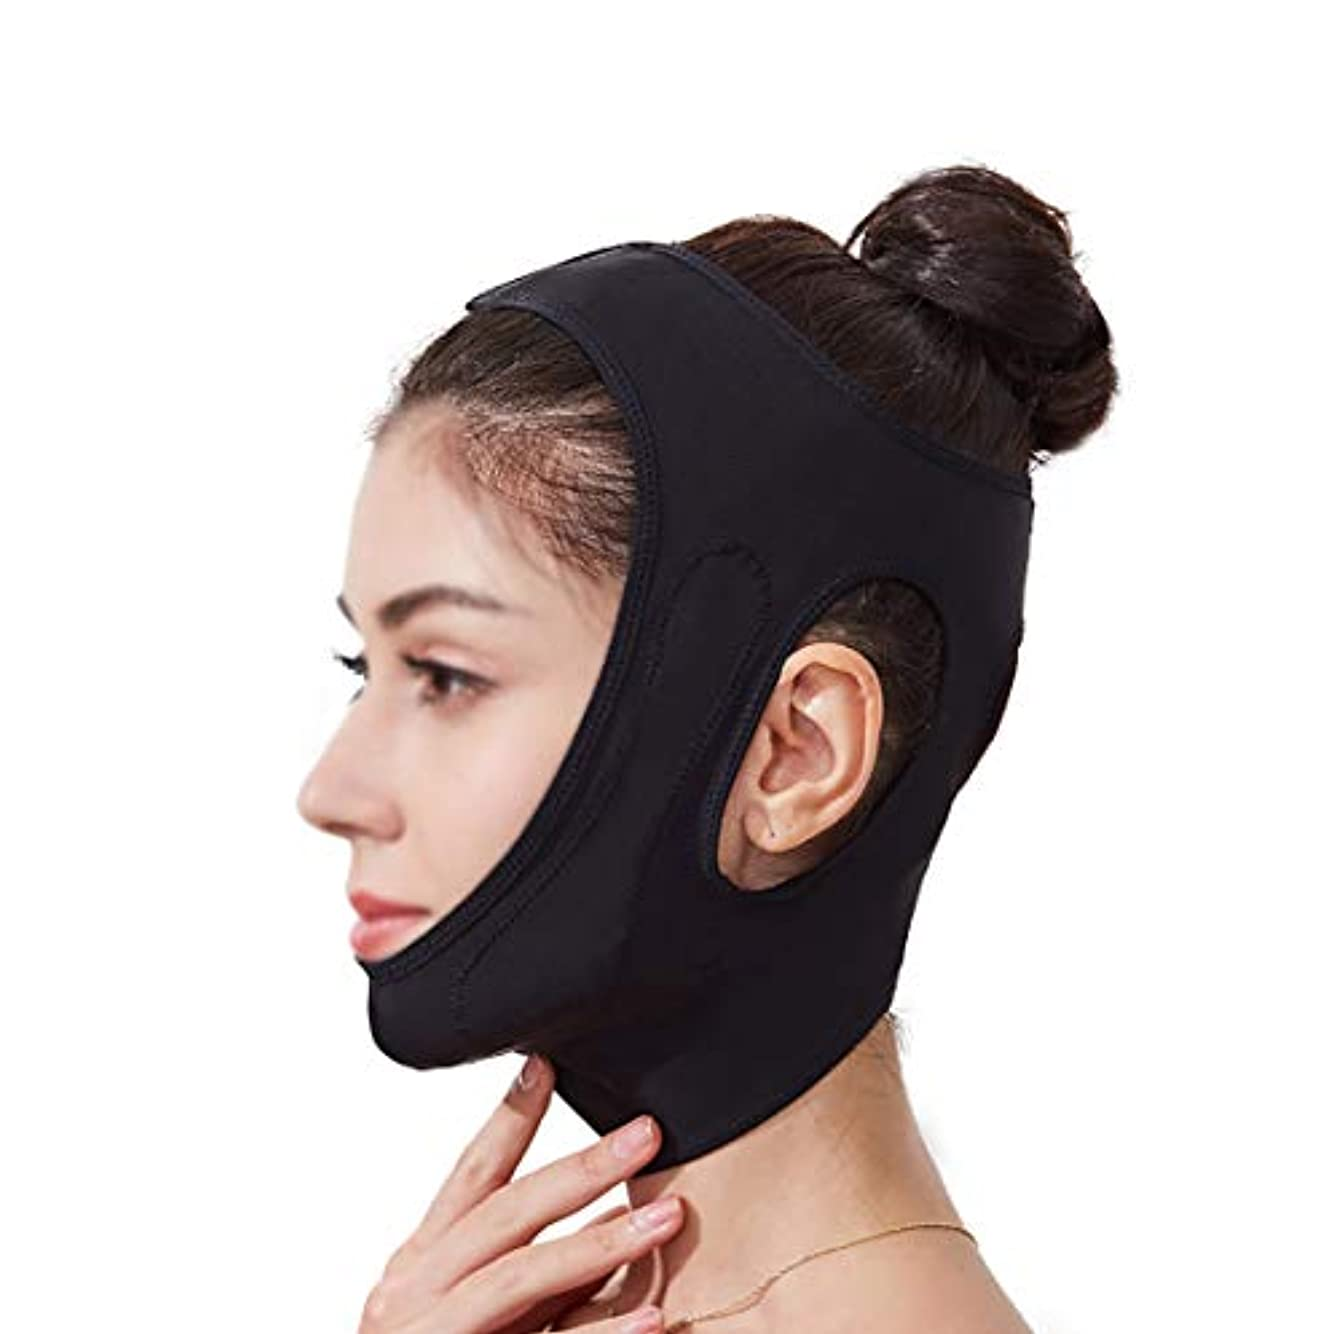 理解バーゲン病気フェイスリフティング包帯vフェイスマスクフェイスリフティングあご快適な顔引き締めフェイシャルマッサージワンサイズ (Color : Black)